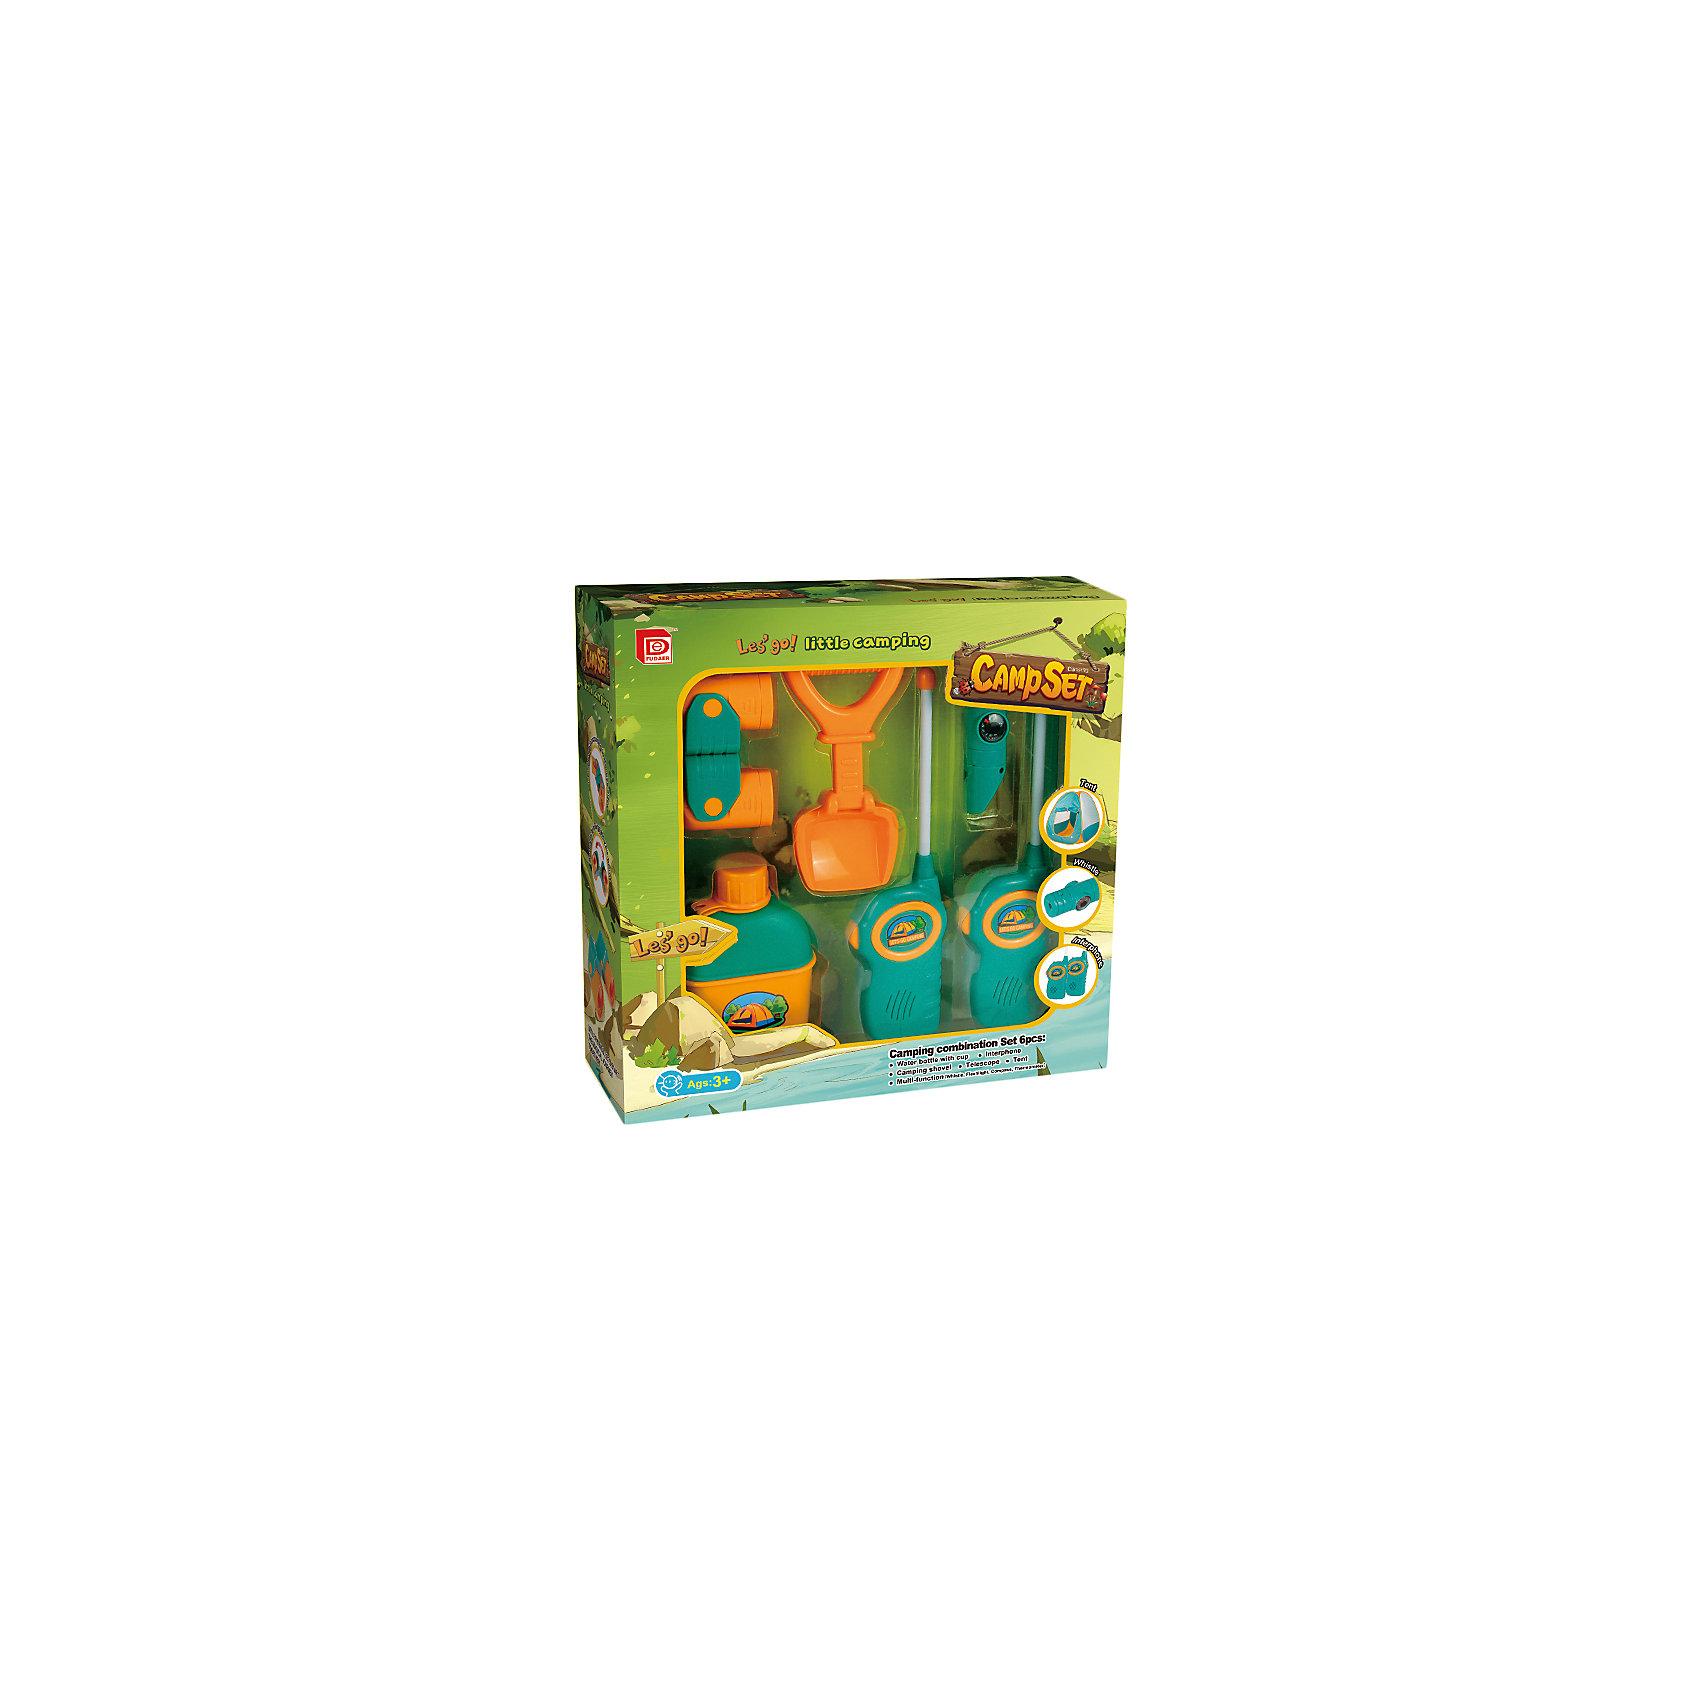 Набор юного туриста с палаткой, 6 предметов, FudaerИдеи подарков<br>Характеристики товара:<br><br>• возраст: от 3 лет;<br>• материал: пластик;<br>• в комплекте: палатка, 2 рации, лопатка, бутылка, многофункциональный прибор, бинокль;<br>• размер упаковки: 69х35х70 см;<br>• вес упаковки: 1,2 кг;<br>• страна производитель: Китай.<br><br>Набор юного туриста в палаткой Fudaer 6 предметов разнообразит детские игры на свежем воздухе или подойдет для школьных походов и пикников.<br><br>Набор юного туриста в палаткой Fudaer 6 предметов можно приобрести в нашем интернет-магазине.<br><br>Ширина мм: 690<br>Глубина мм: 350<br>Высота мм: 700<br>Вес г: 1200<br>Возраст от месяцев: 36<br>Возраст до месяцев: 168<br>Пол: Унисекс<br>Возраст: Детский<br>SKU: 6883978